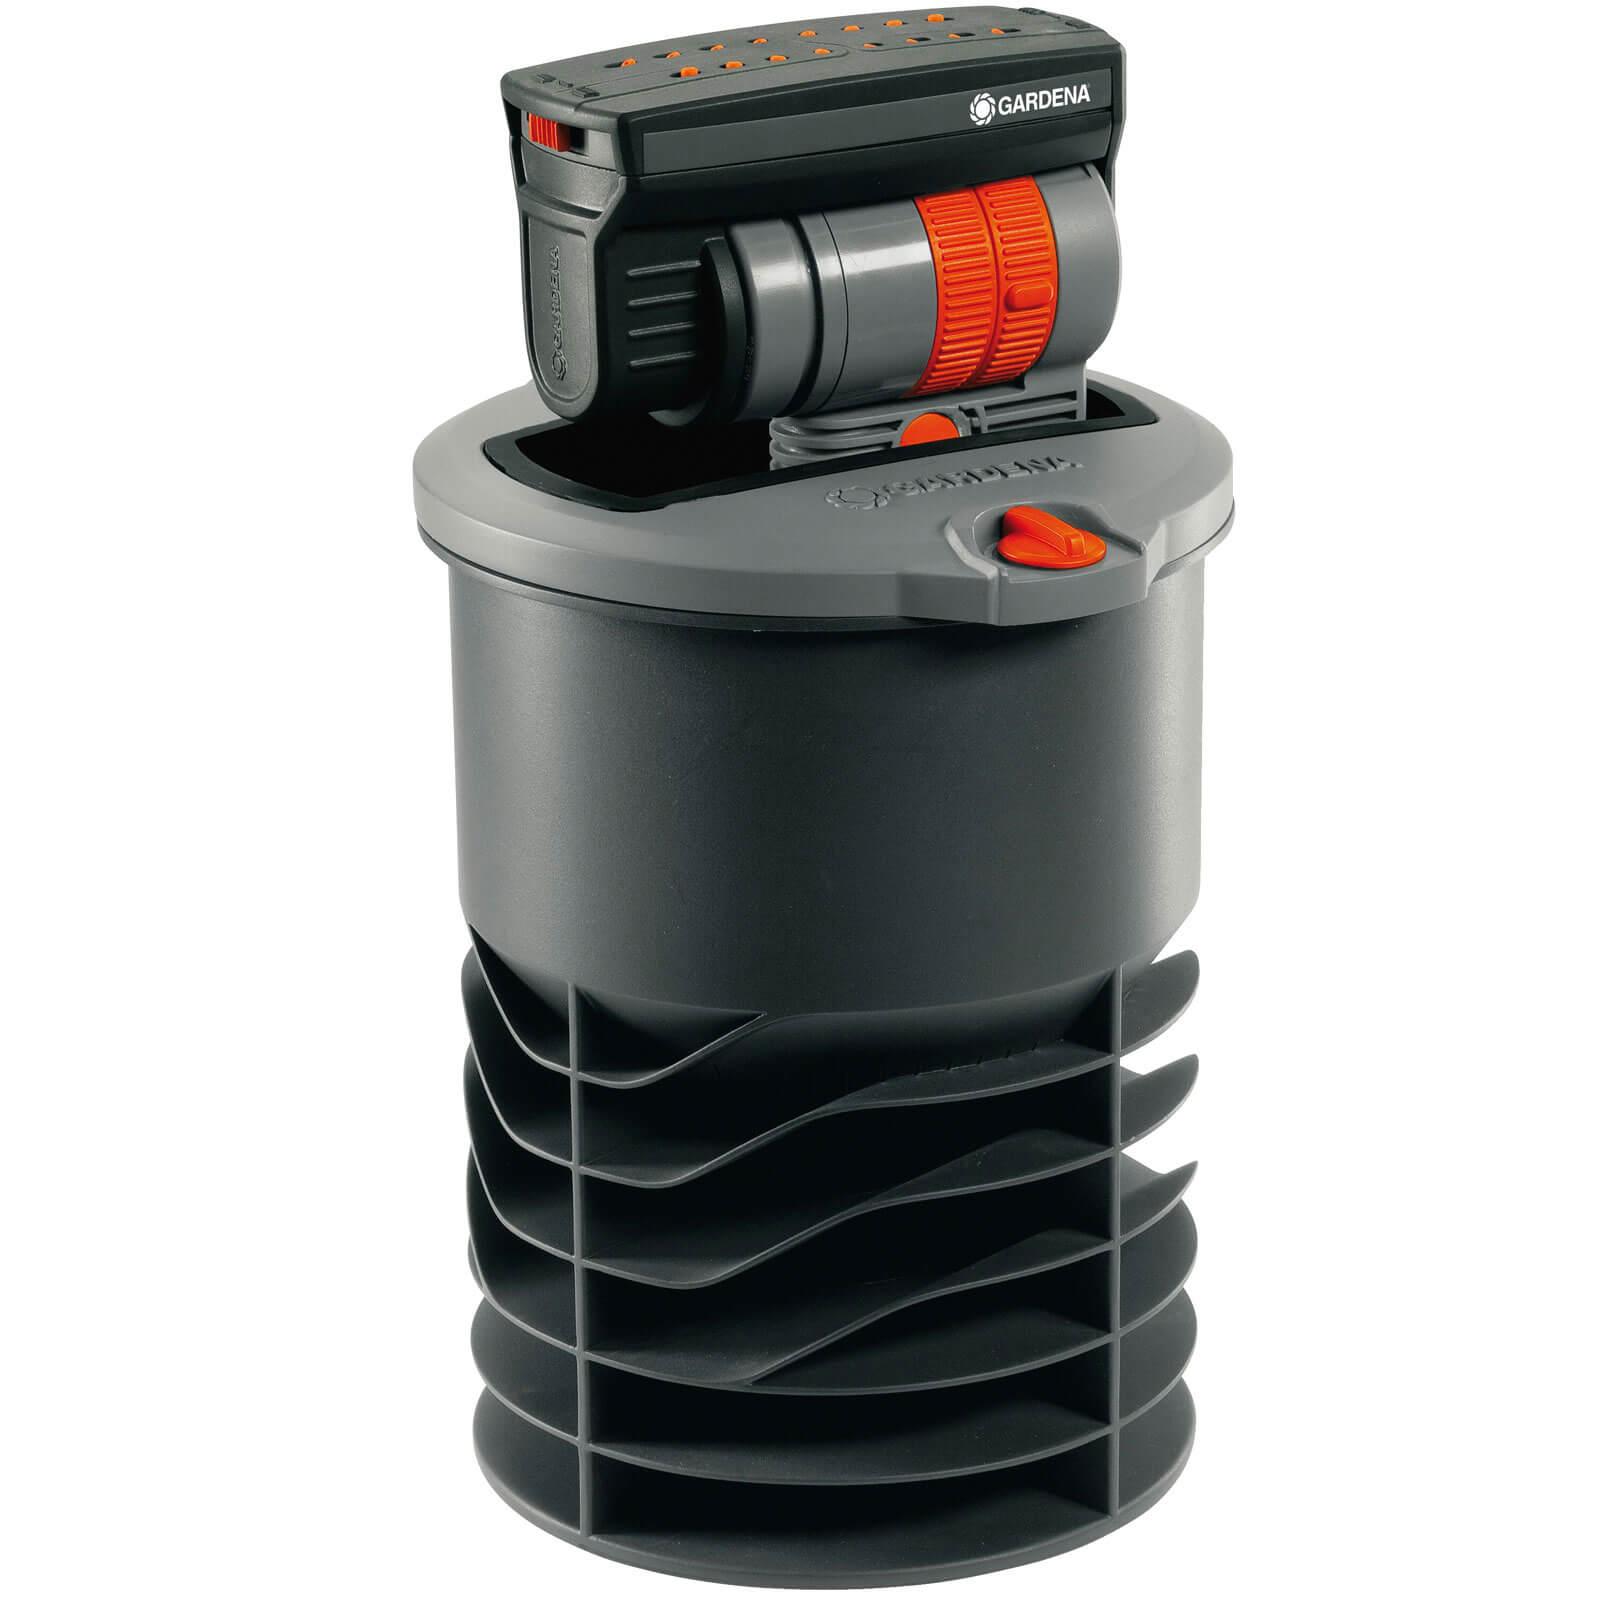 Gardena OS 150 Oscillating Pop-Up Garden Water Sprinkler Max Coverage 140m2  (Sprinklersystem)